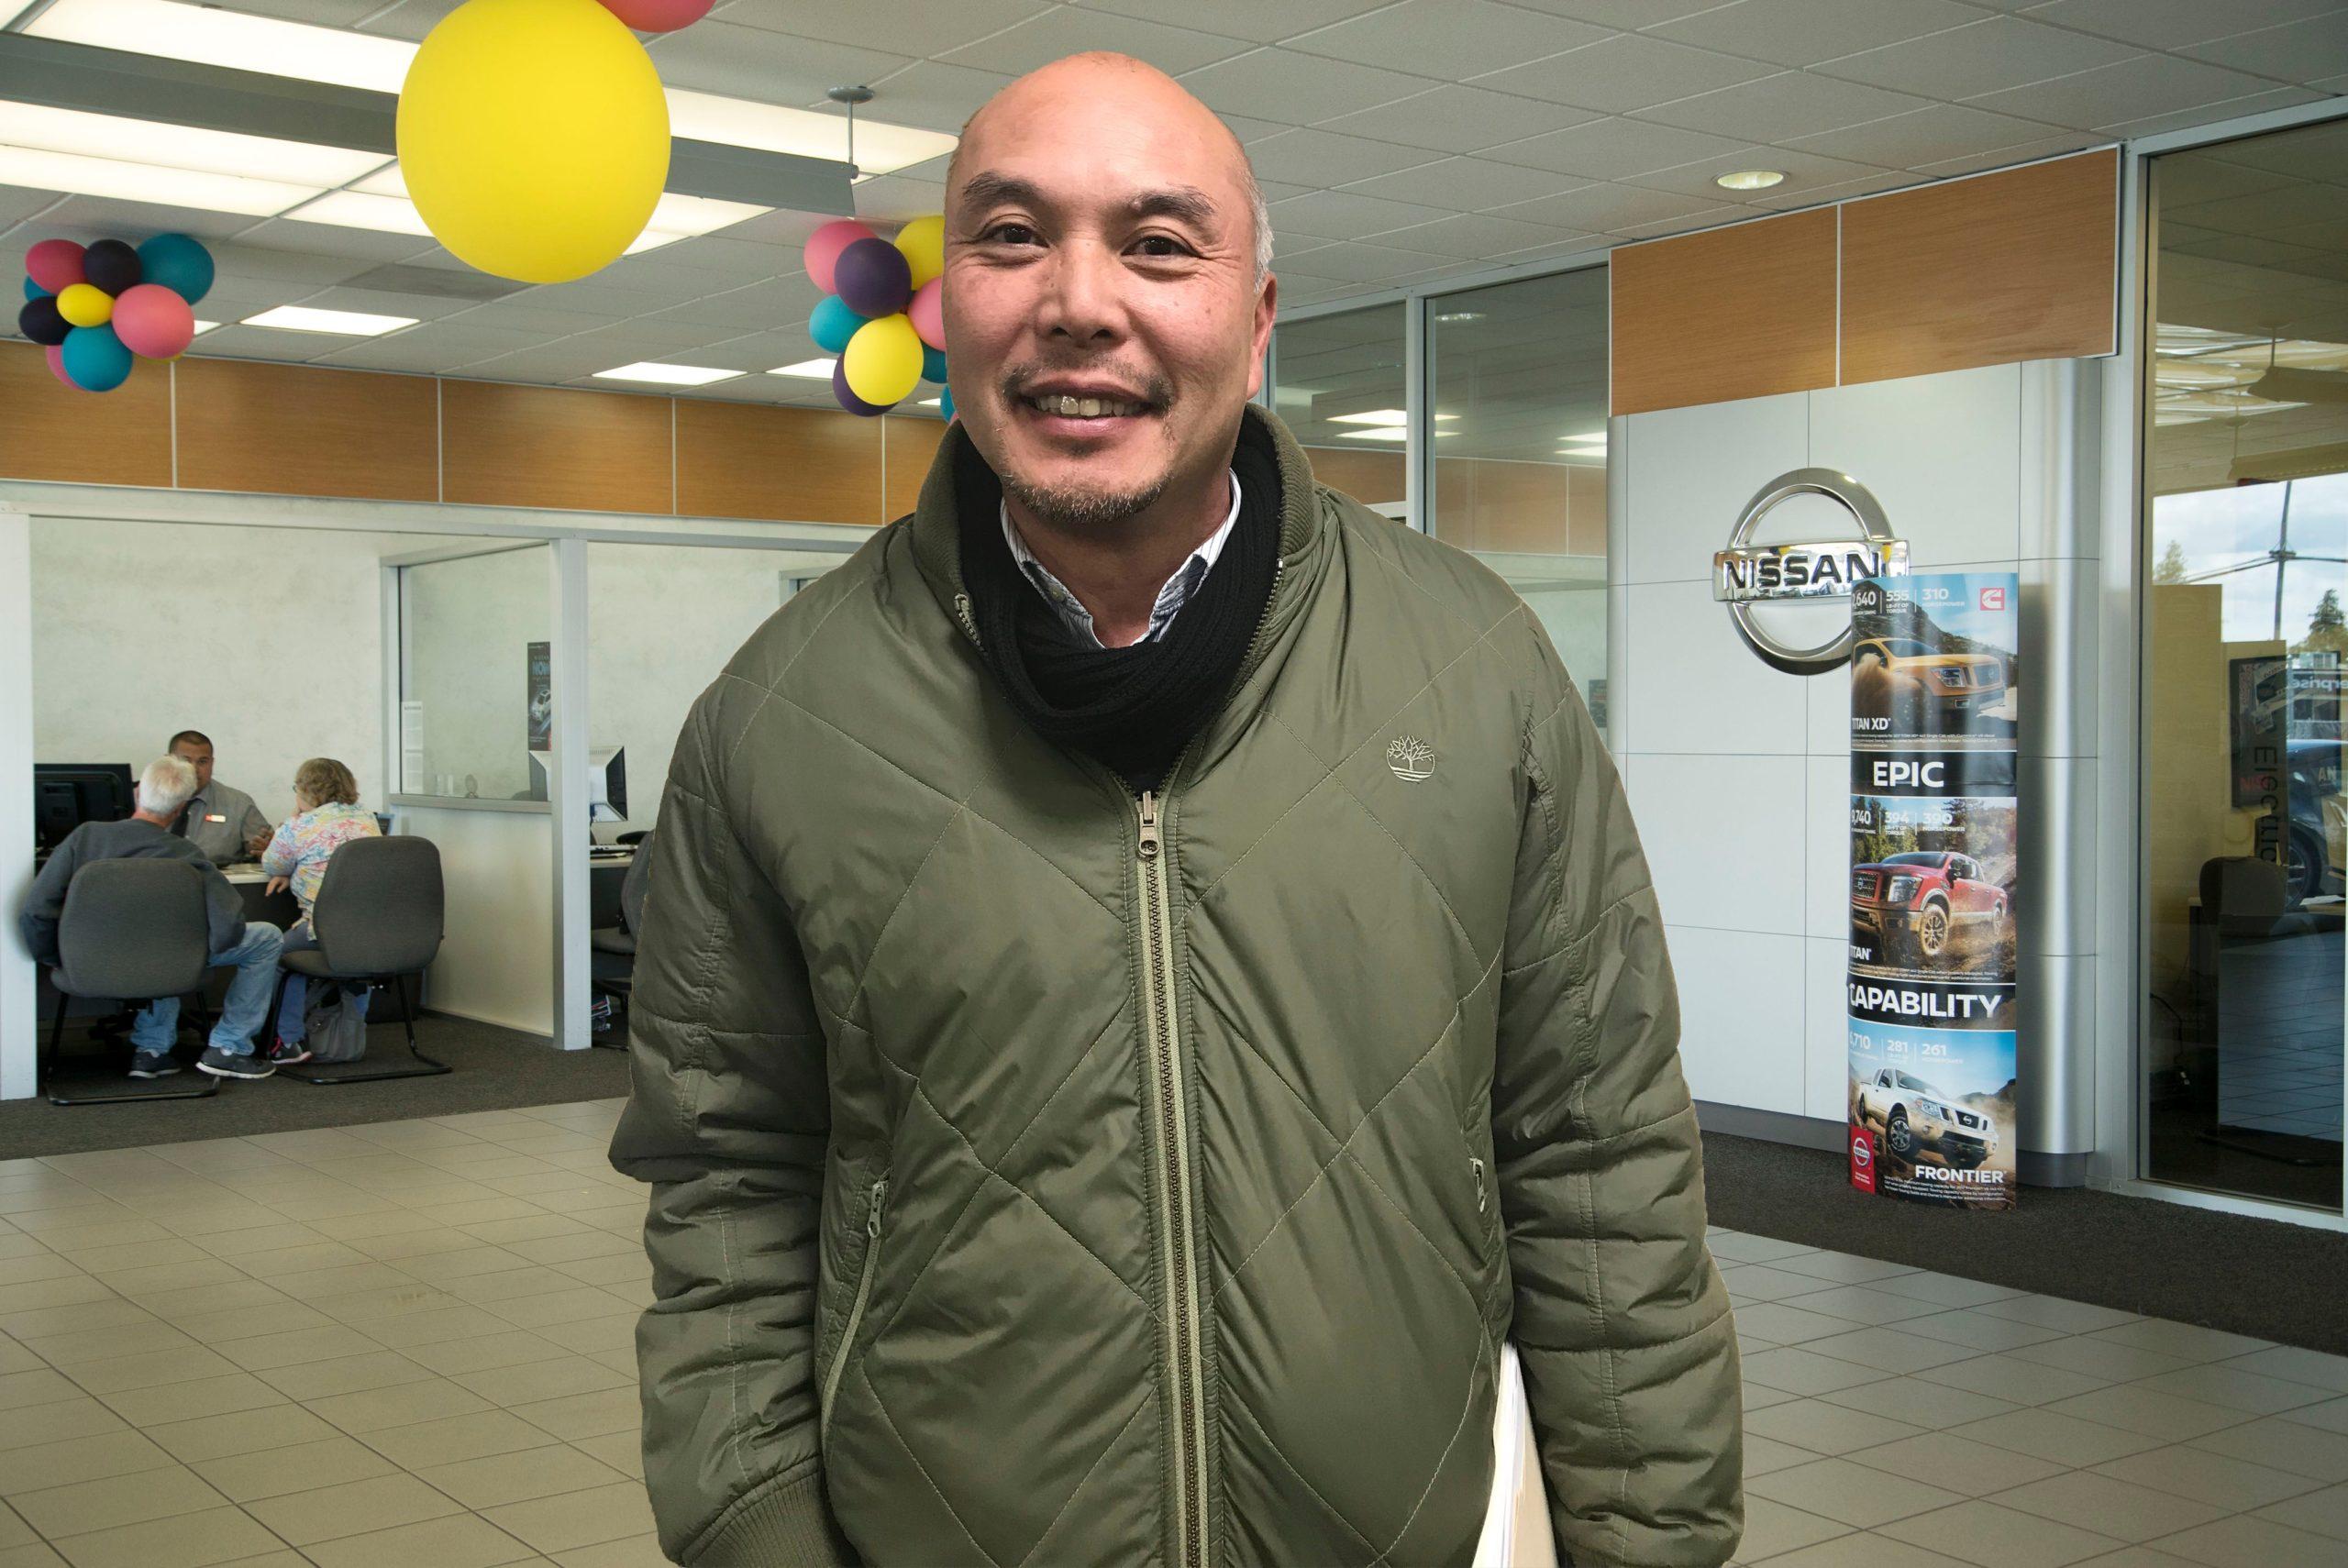 Peter Chin